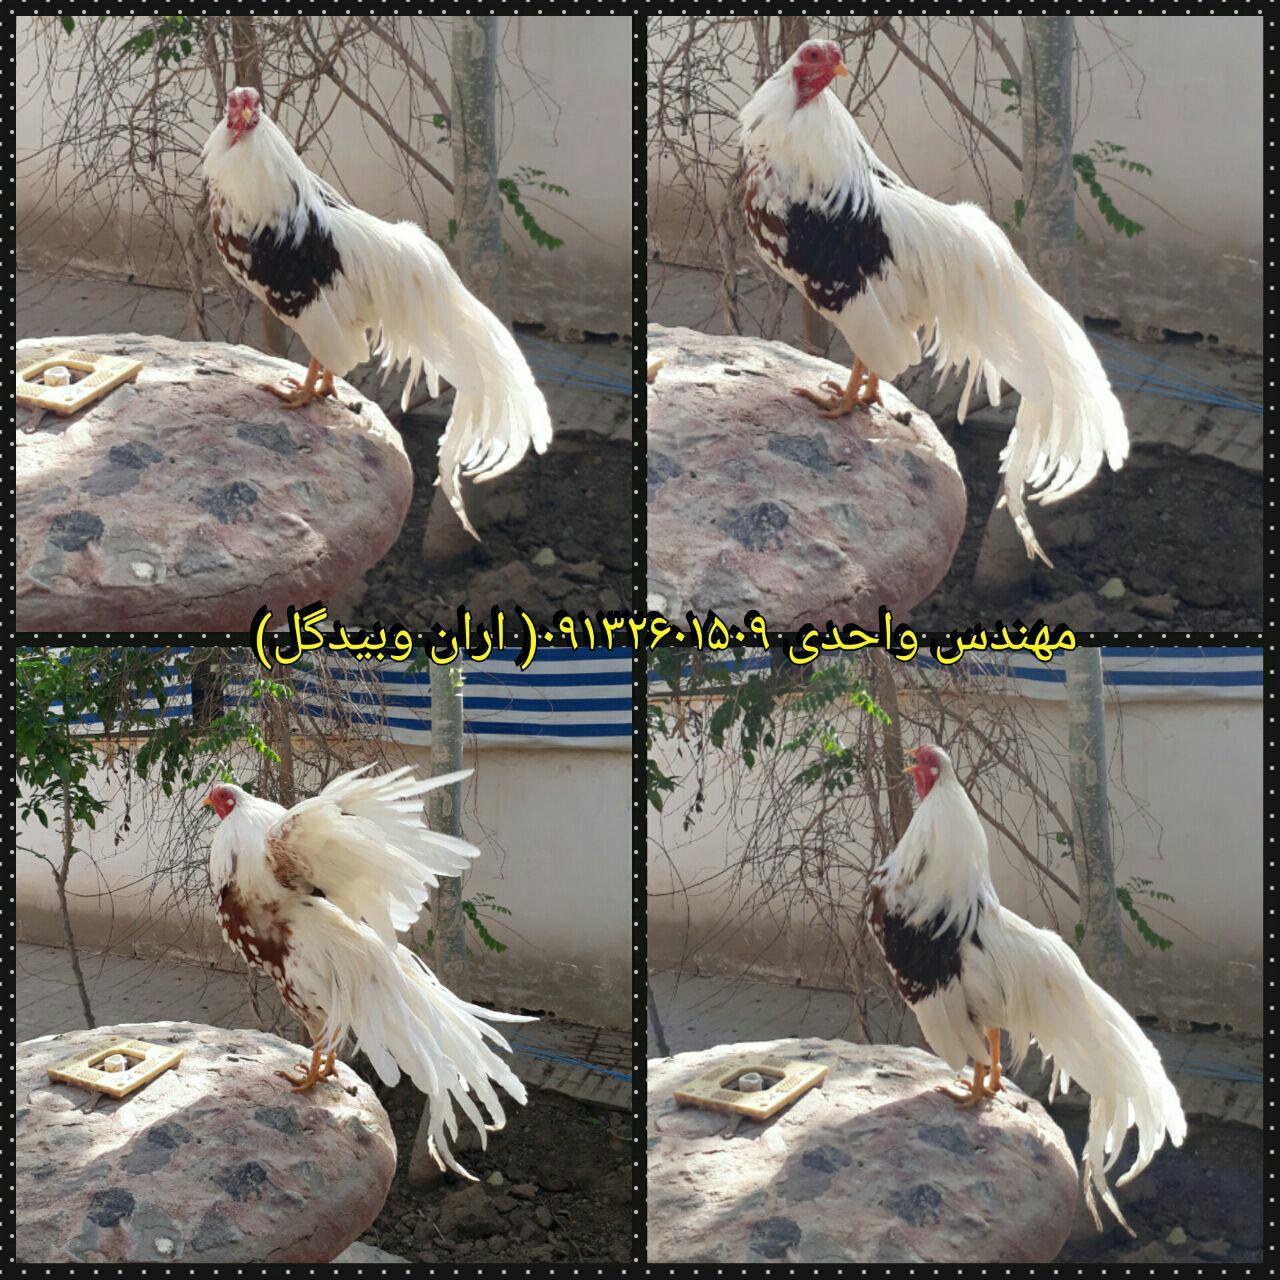 مرغ و خروس نژاد یوکوهاما(Yokohama fowl)